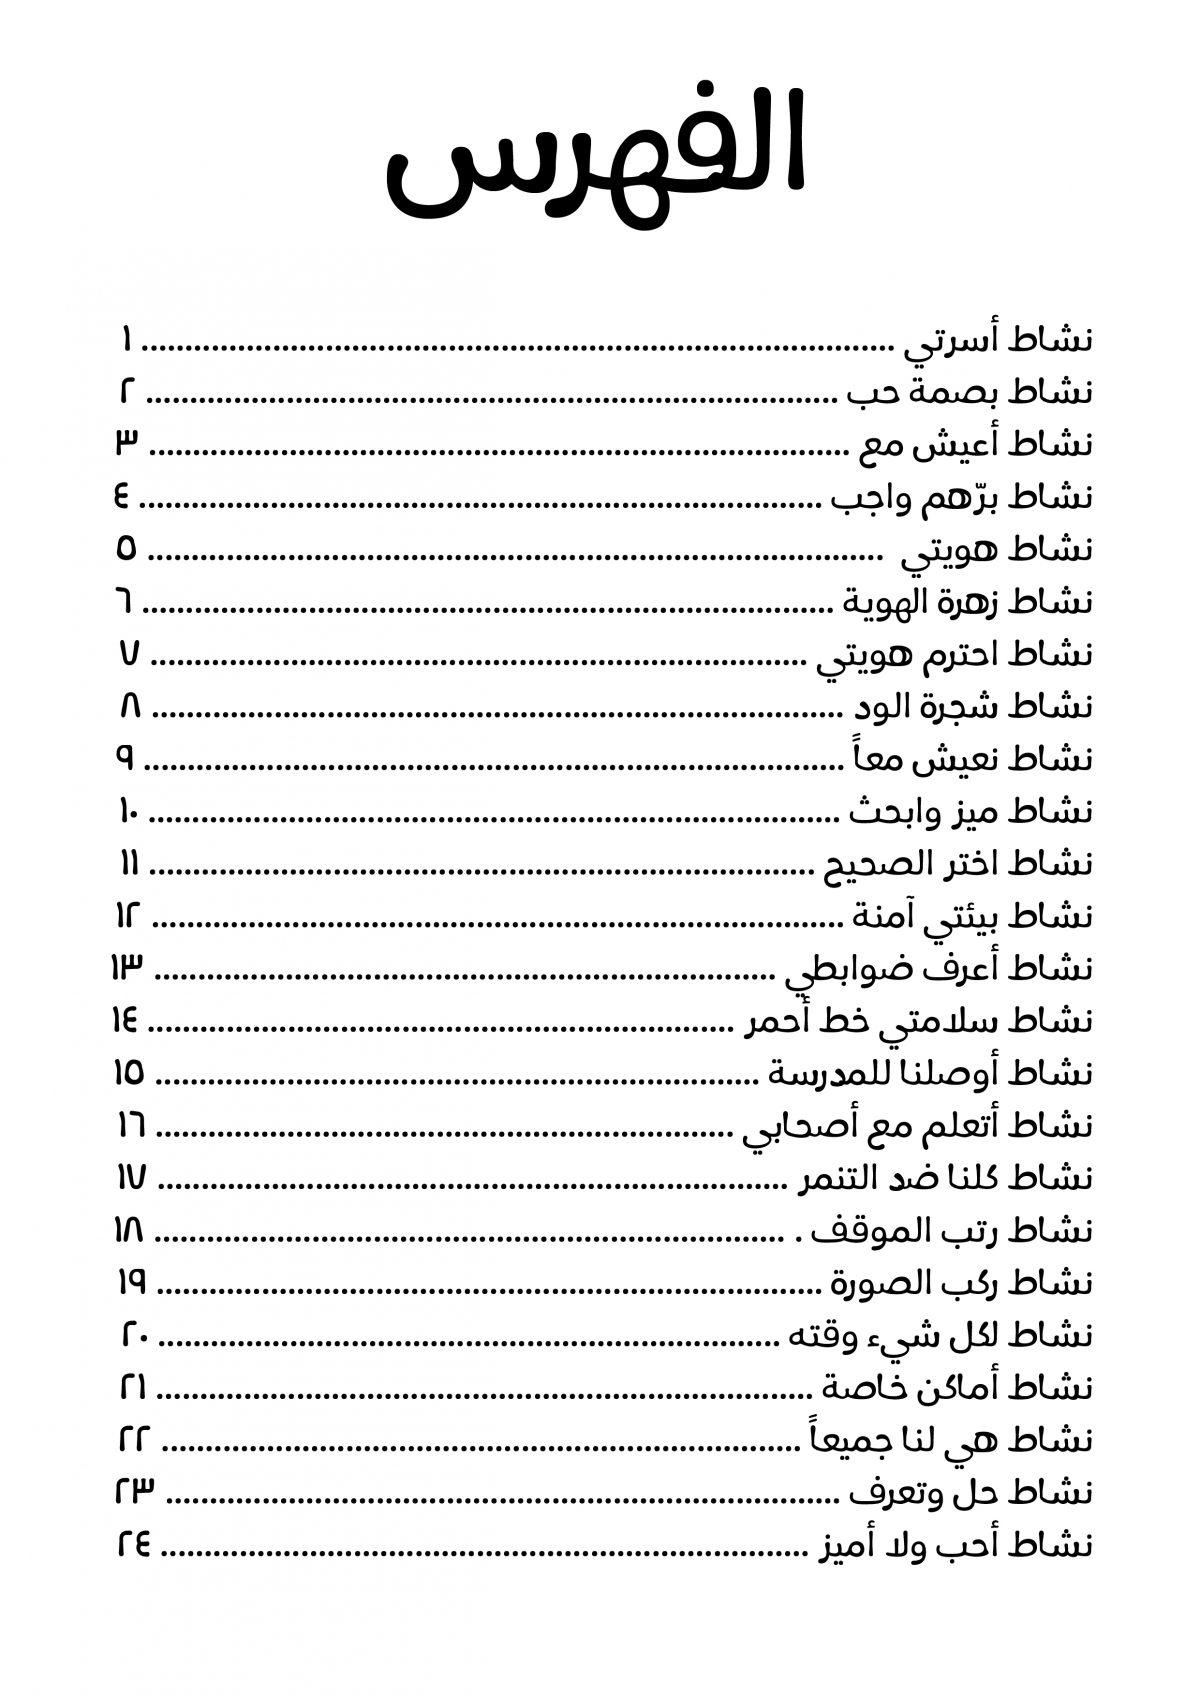 فهرس كتاب حقوقي وواجباتي 03